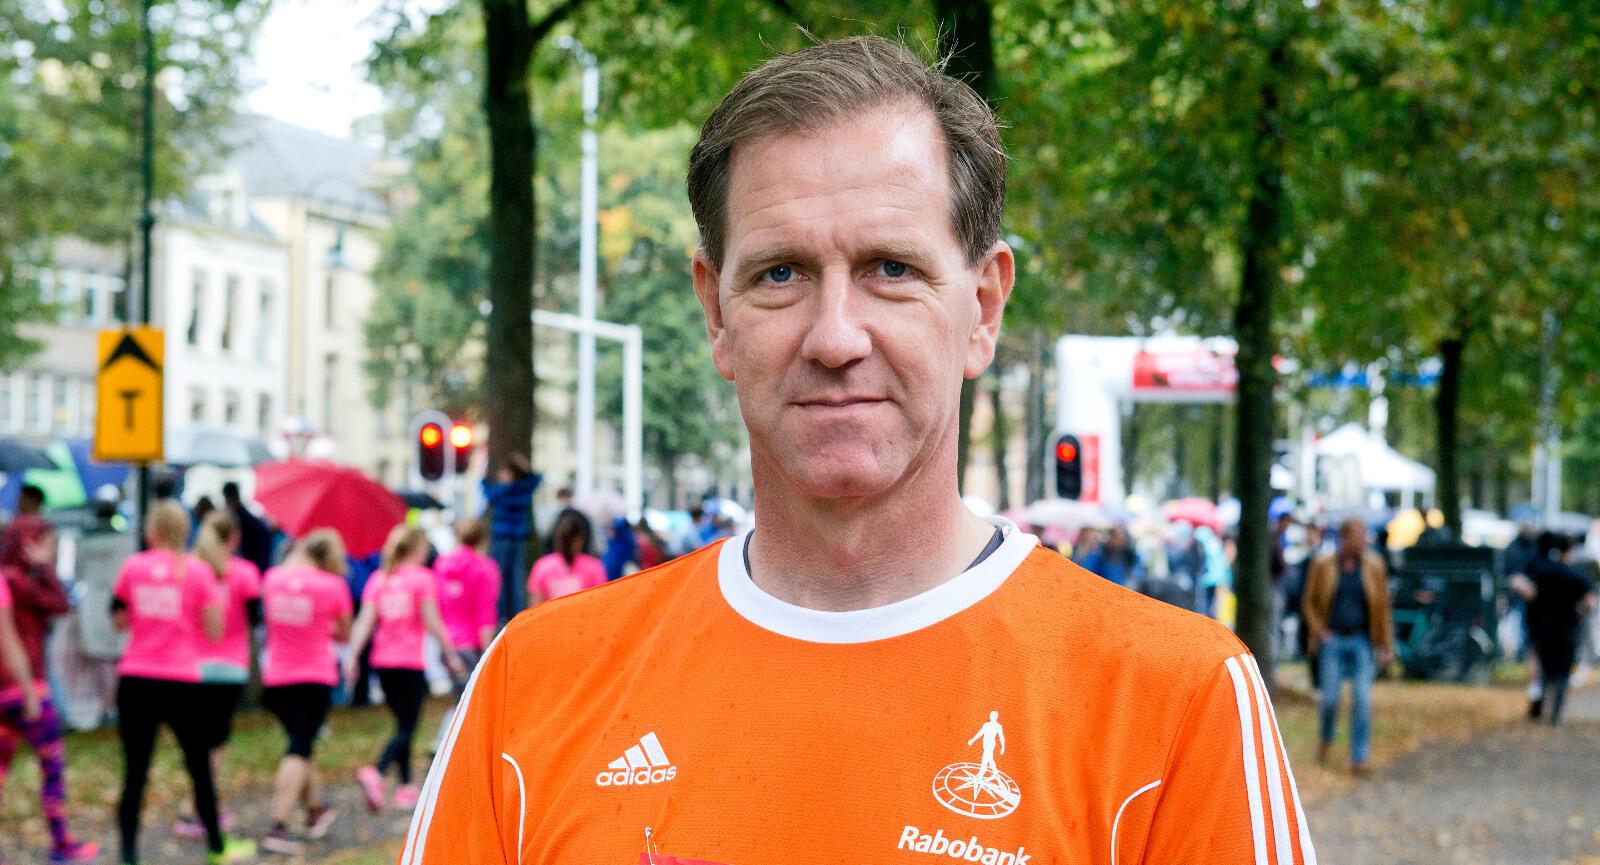 Hardlopen doet Wiebe Draijer graag. Om zijn hoofd even leeg te maken, zaken te ordenen. Af en toe doet hij ook mee aan een wedstrijd